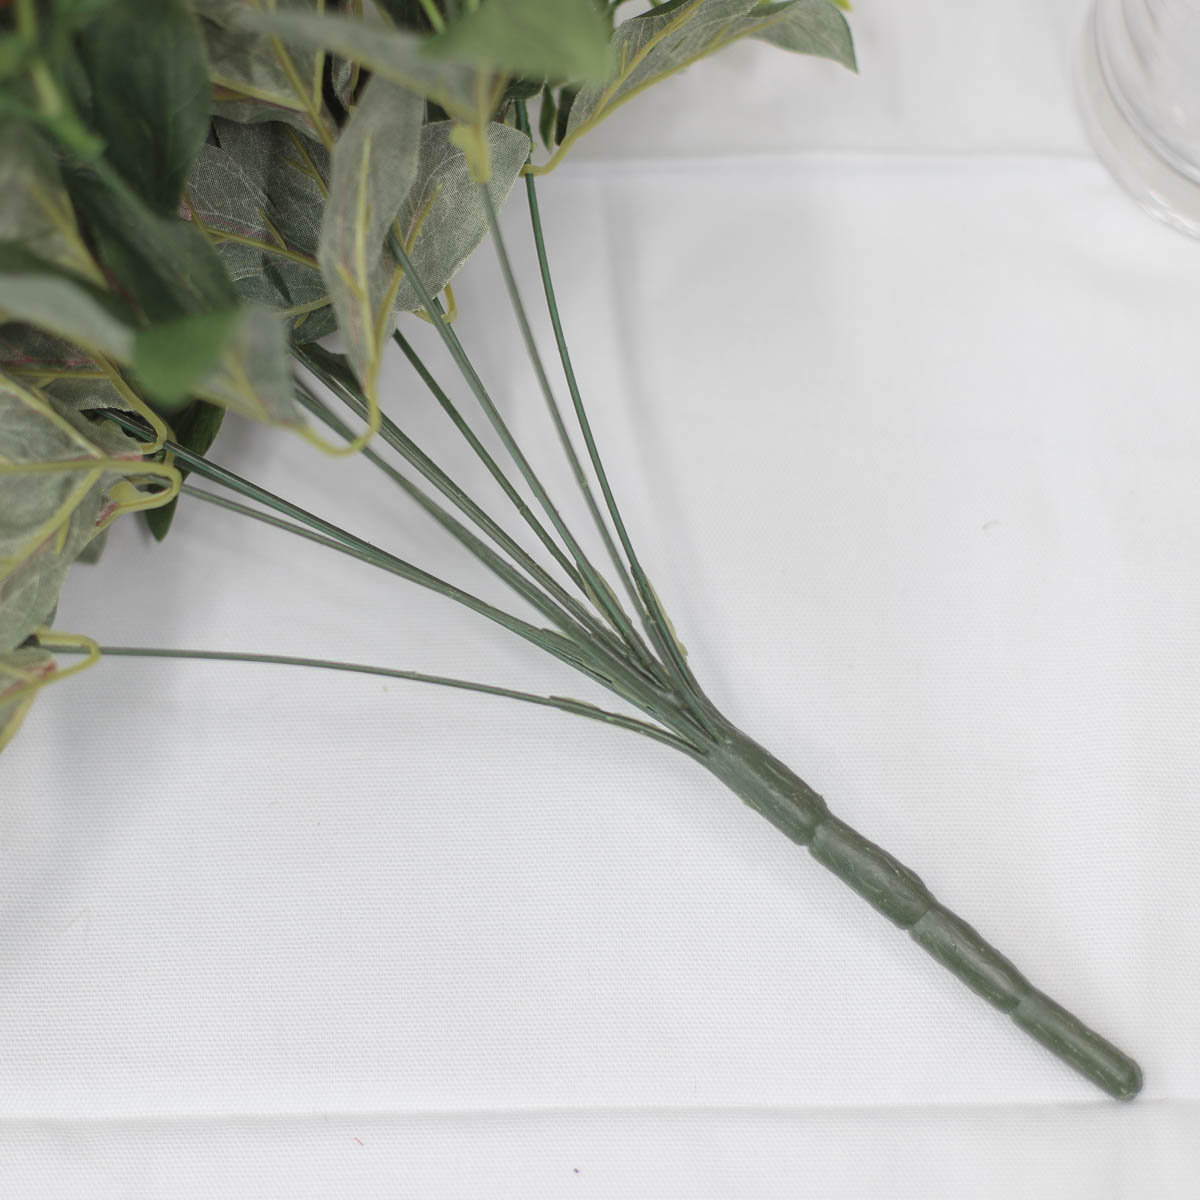 풍성한 작약 꽃 부쉬 줄기, 뿌리 디테일